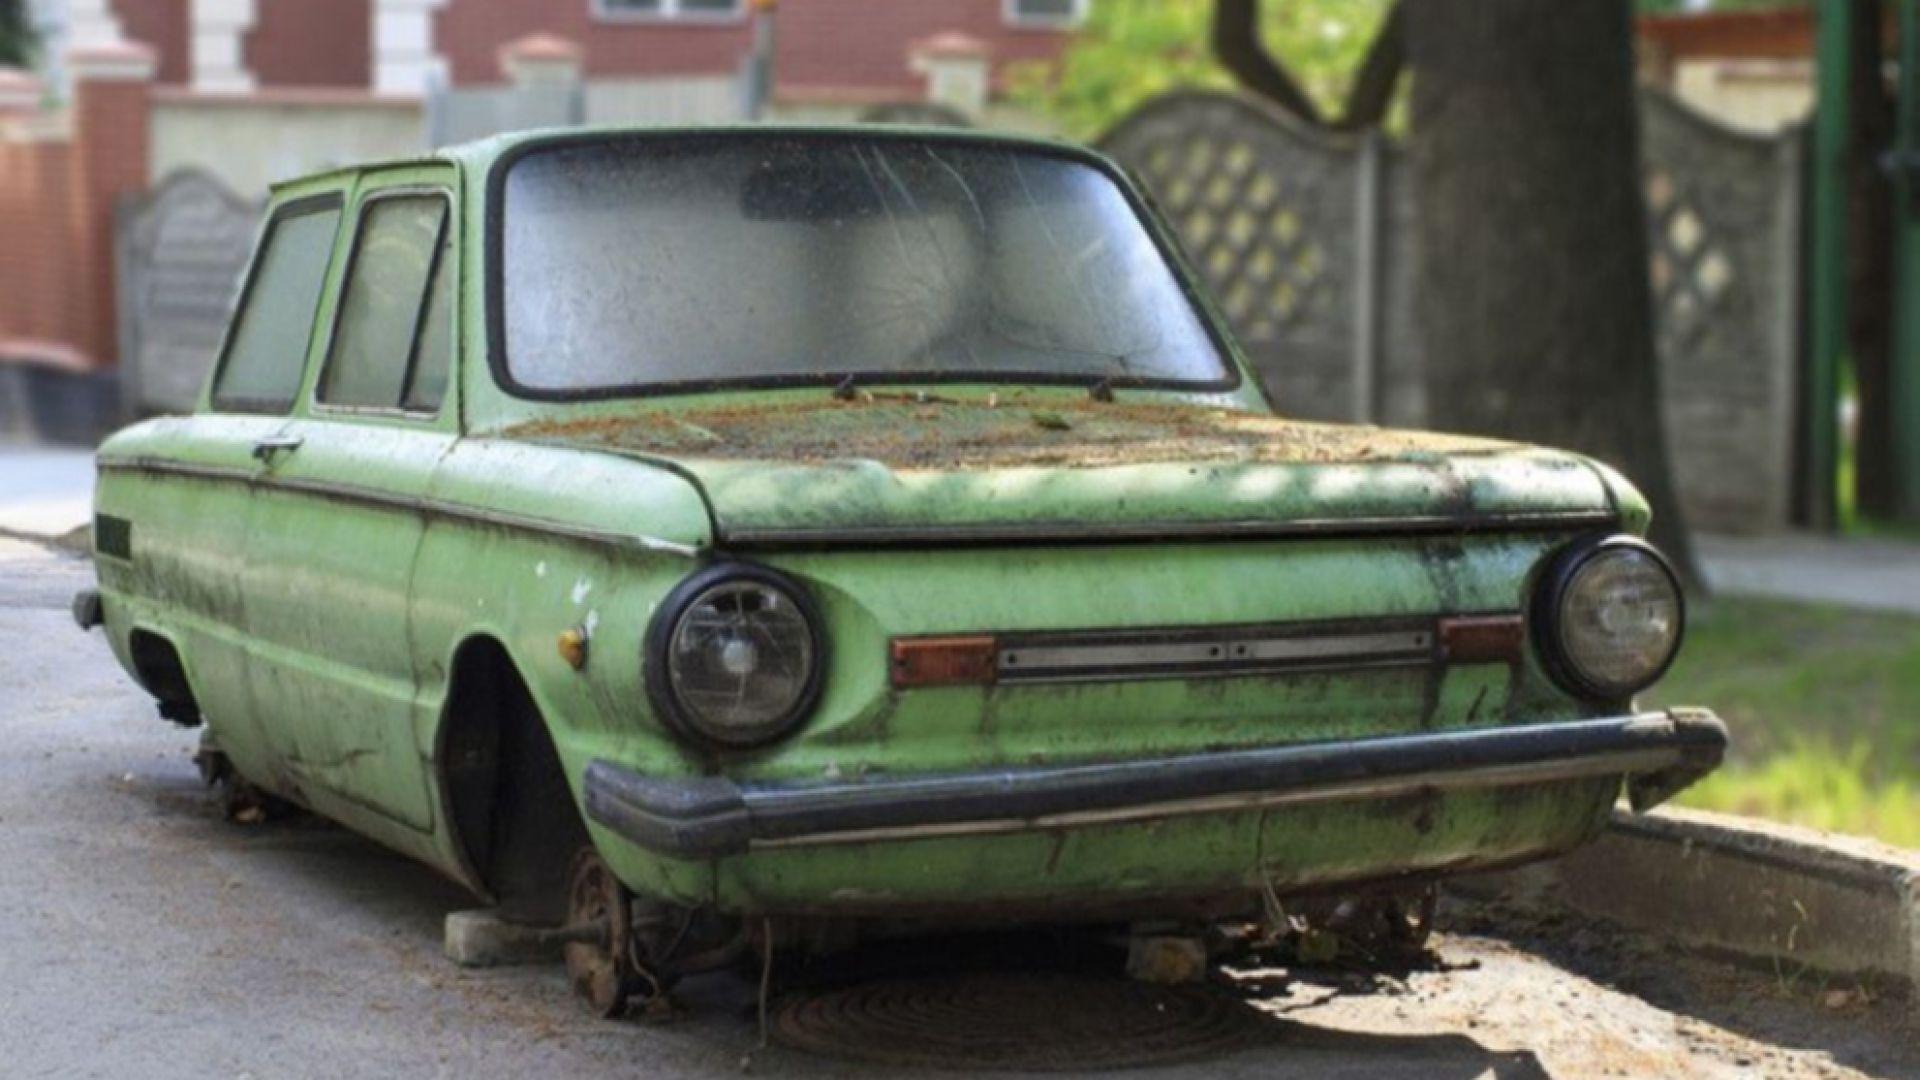 Във Варна продължават да разчистват трошки от улиците